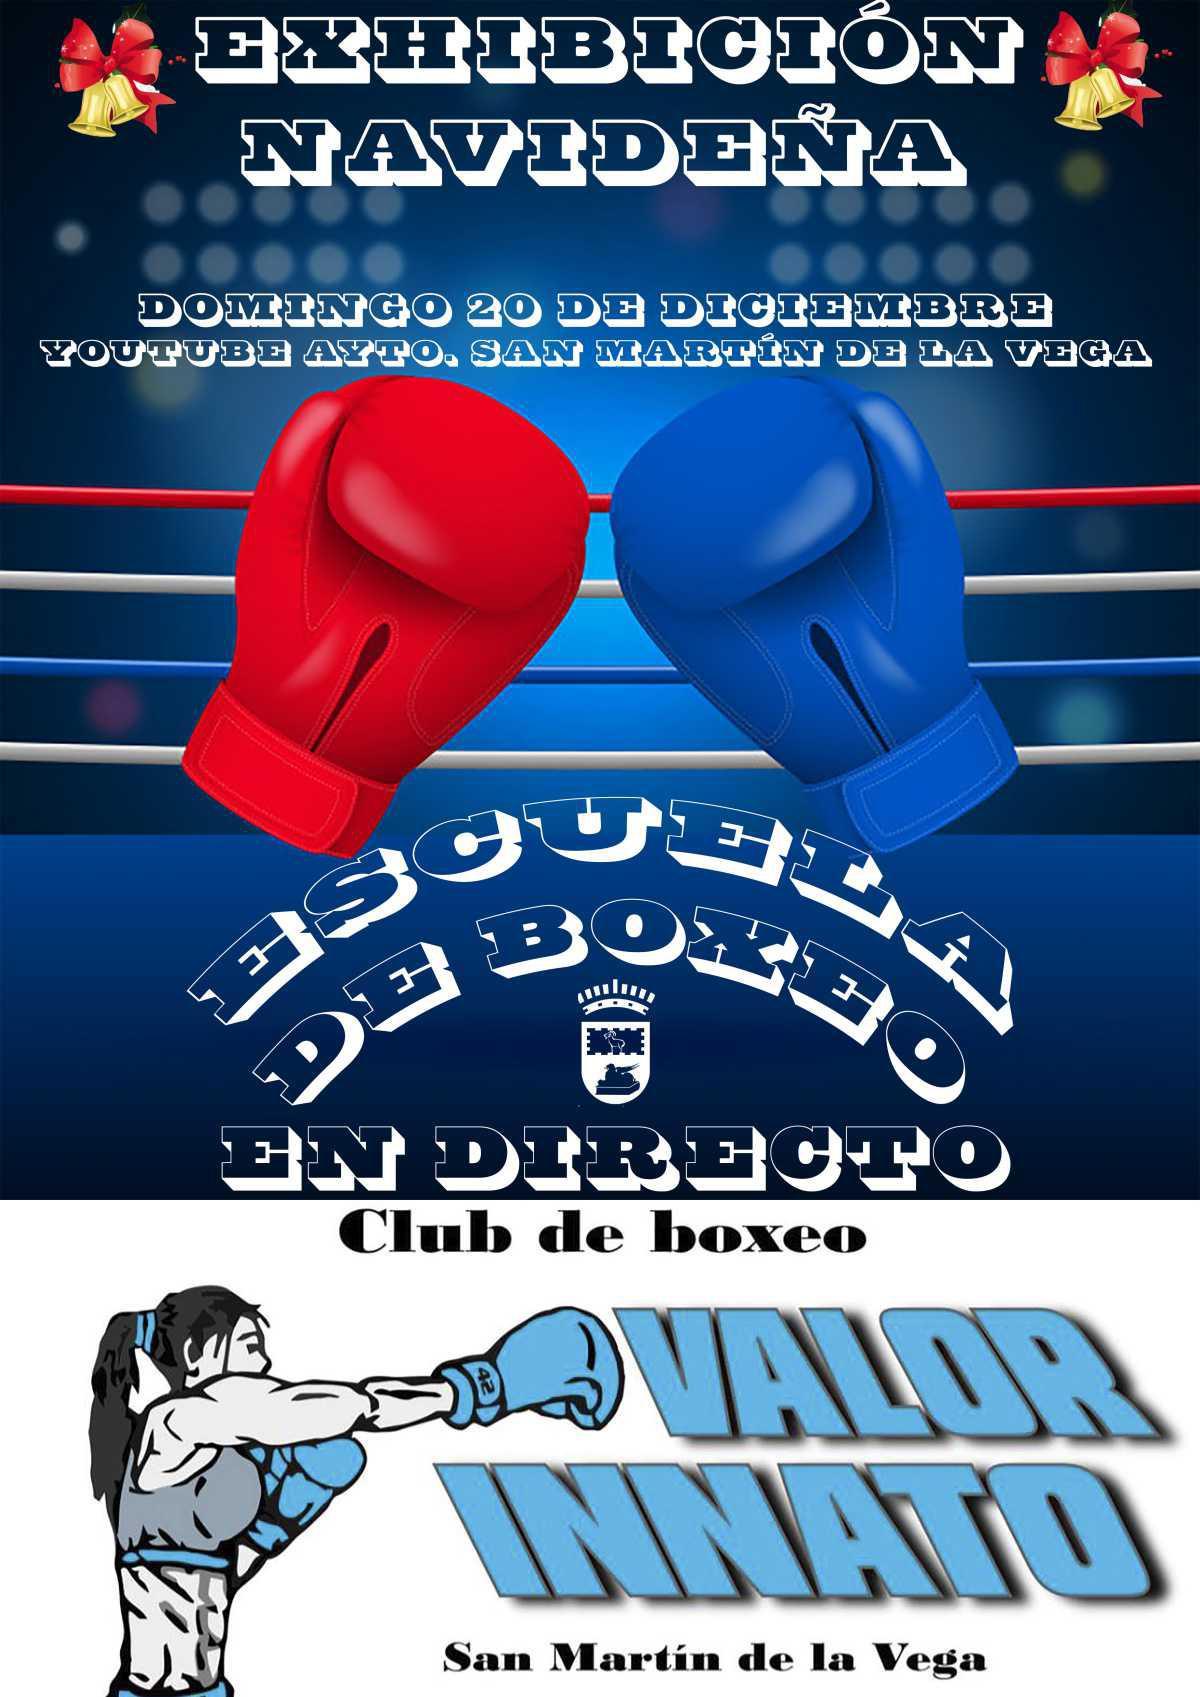 Exhibición de boxeo en streaming el 20 de diciembre